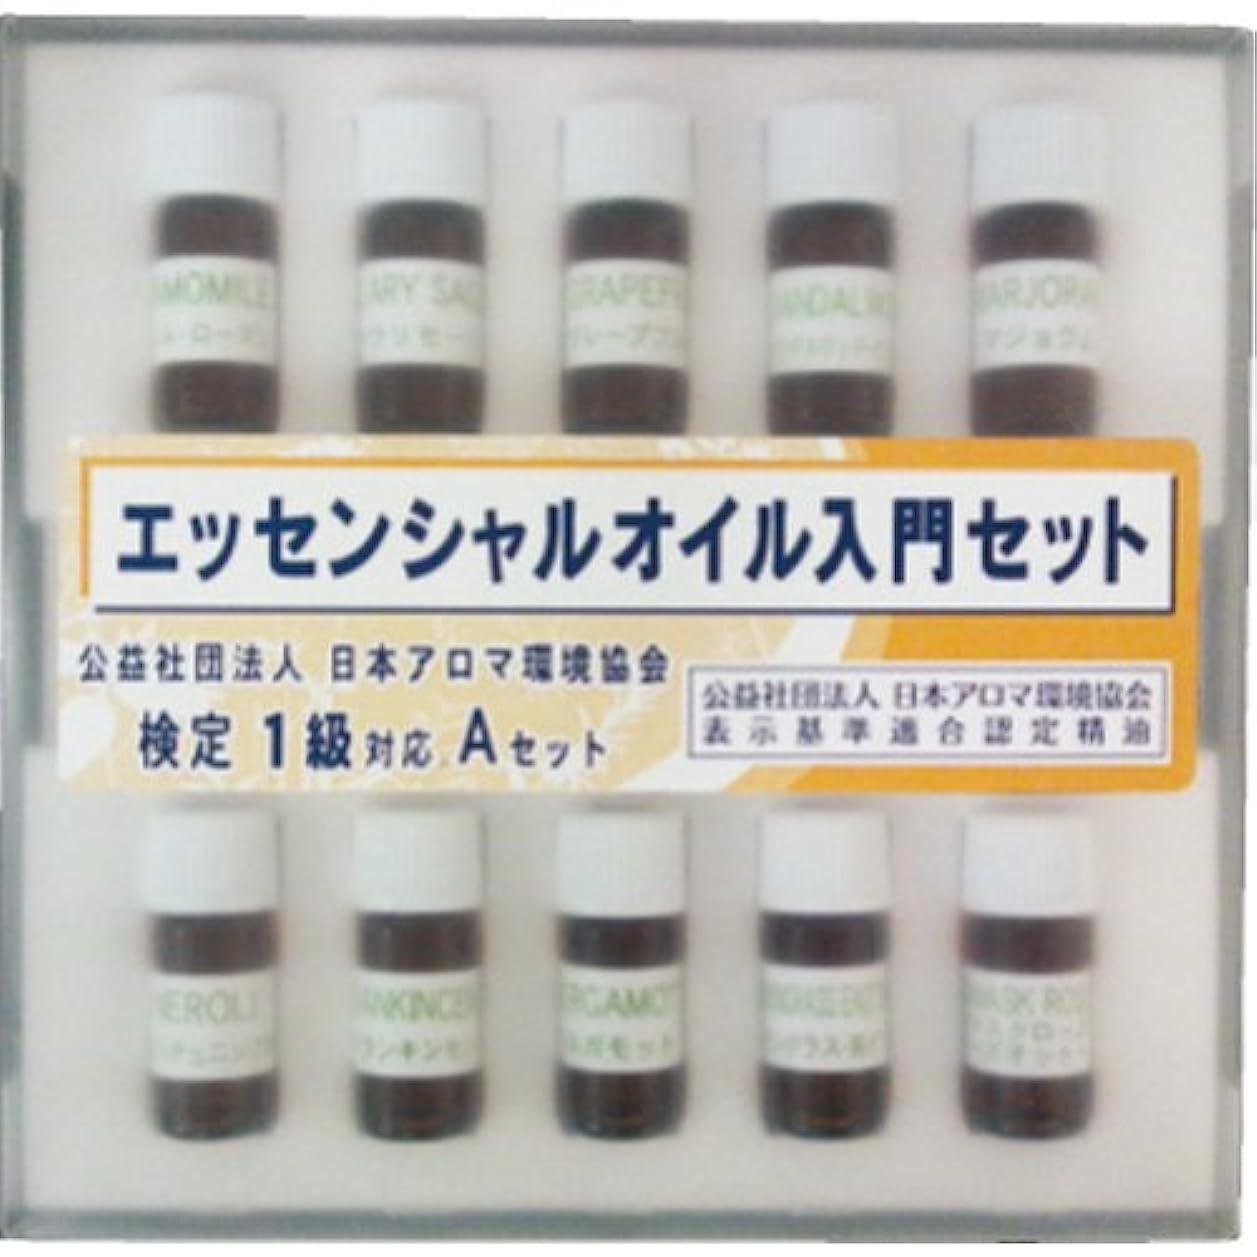 先例ひねり降下生活の木 (公社)日本アロマ環境協会資格試験対応セット 検定1級対応Aセット